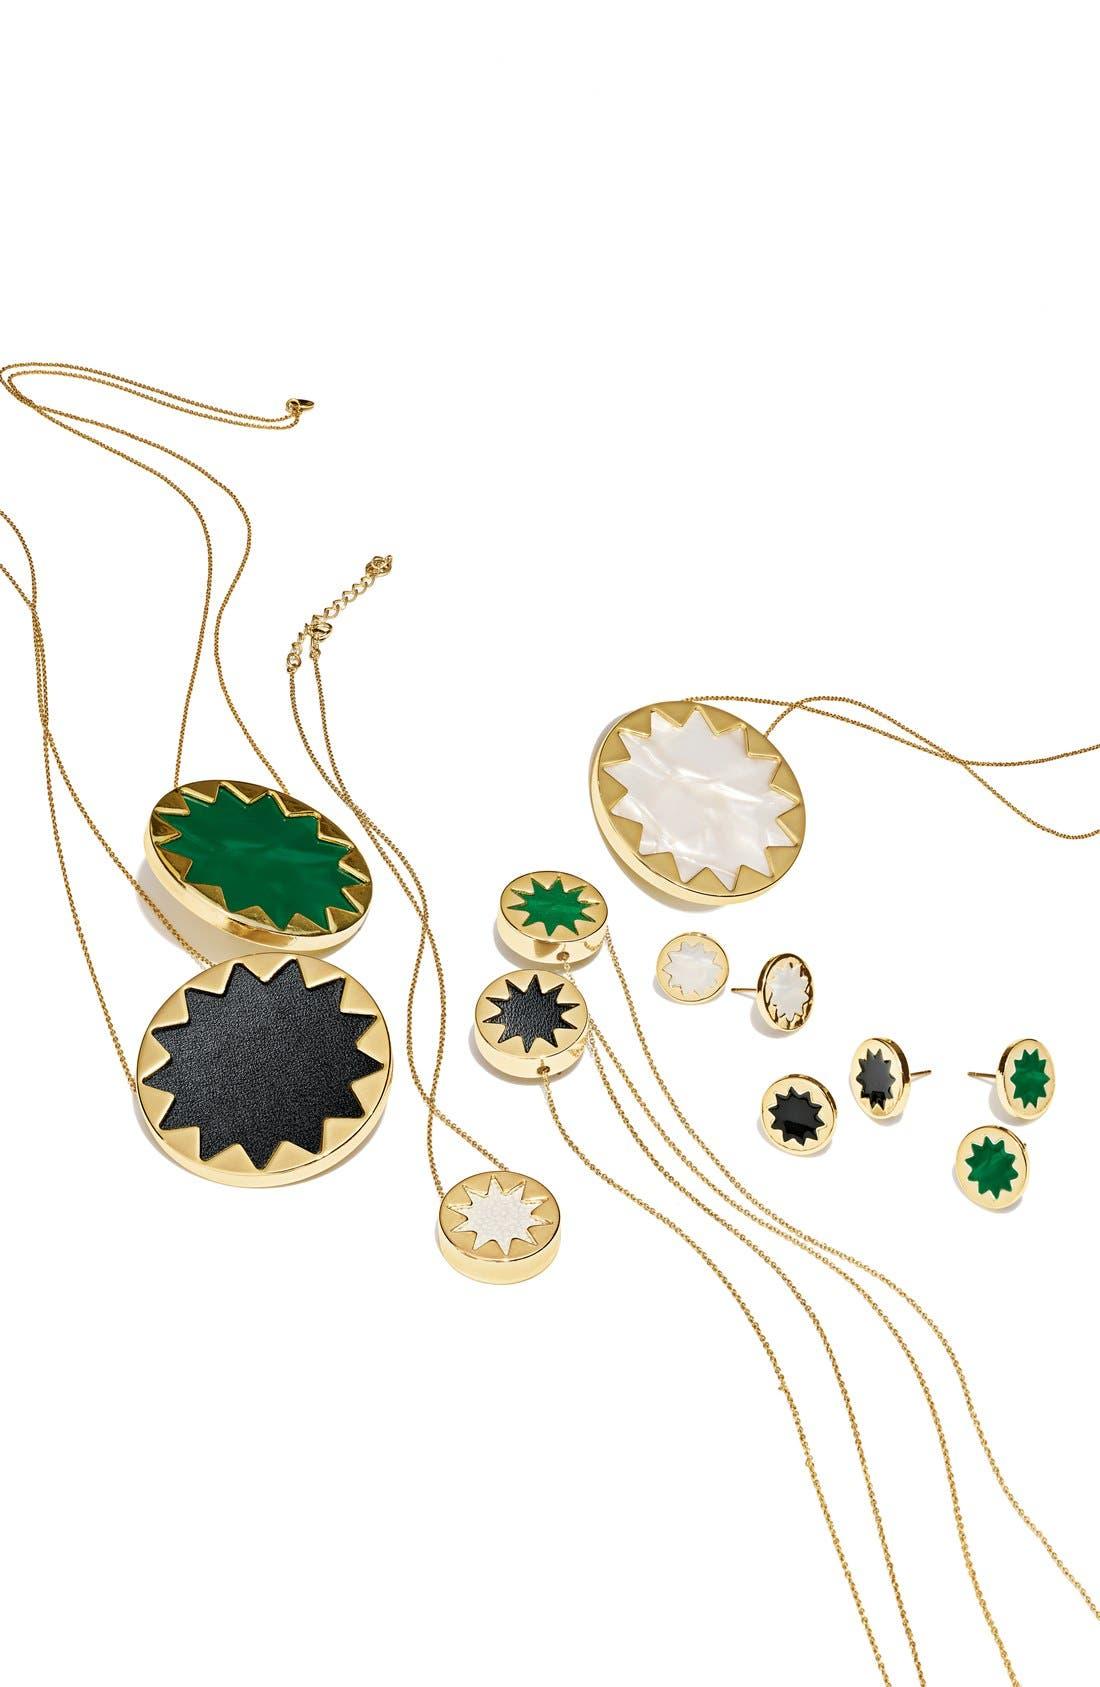 Sunburst Pendant Necklace,                         Main,                         color, 900